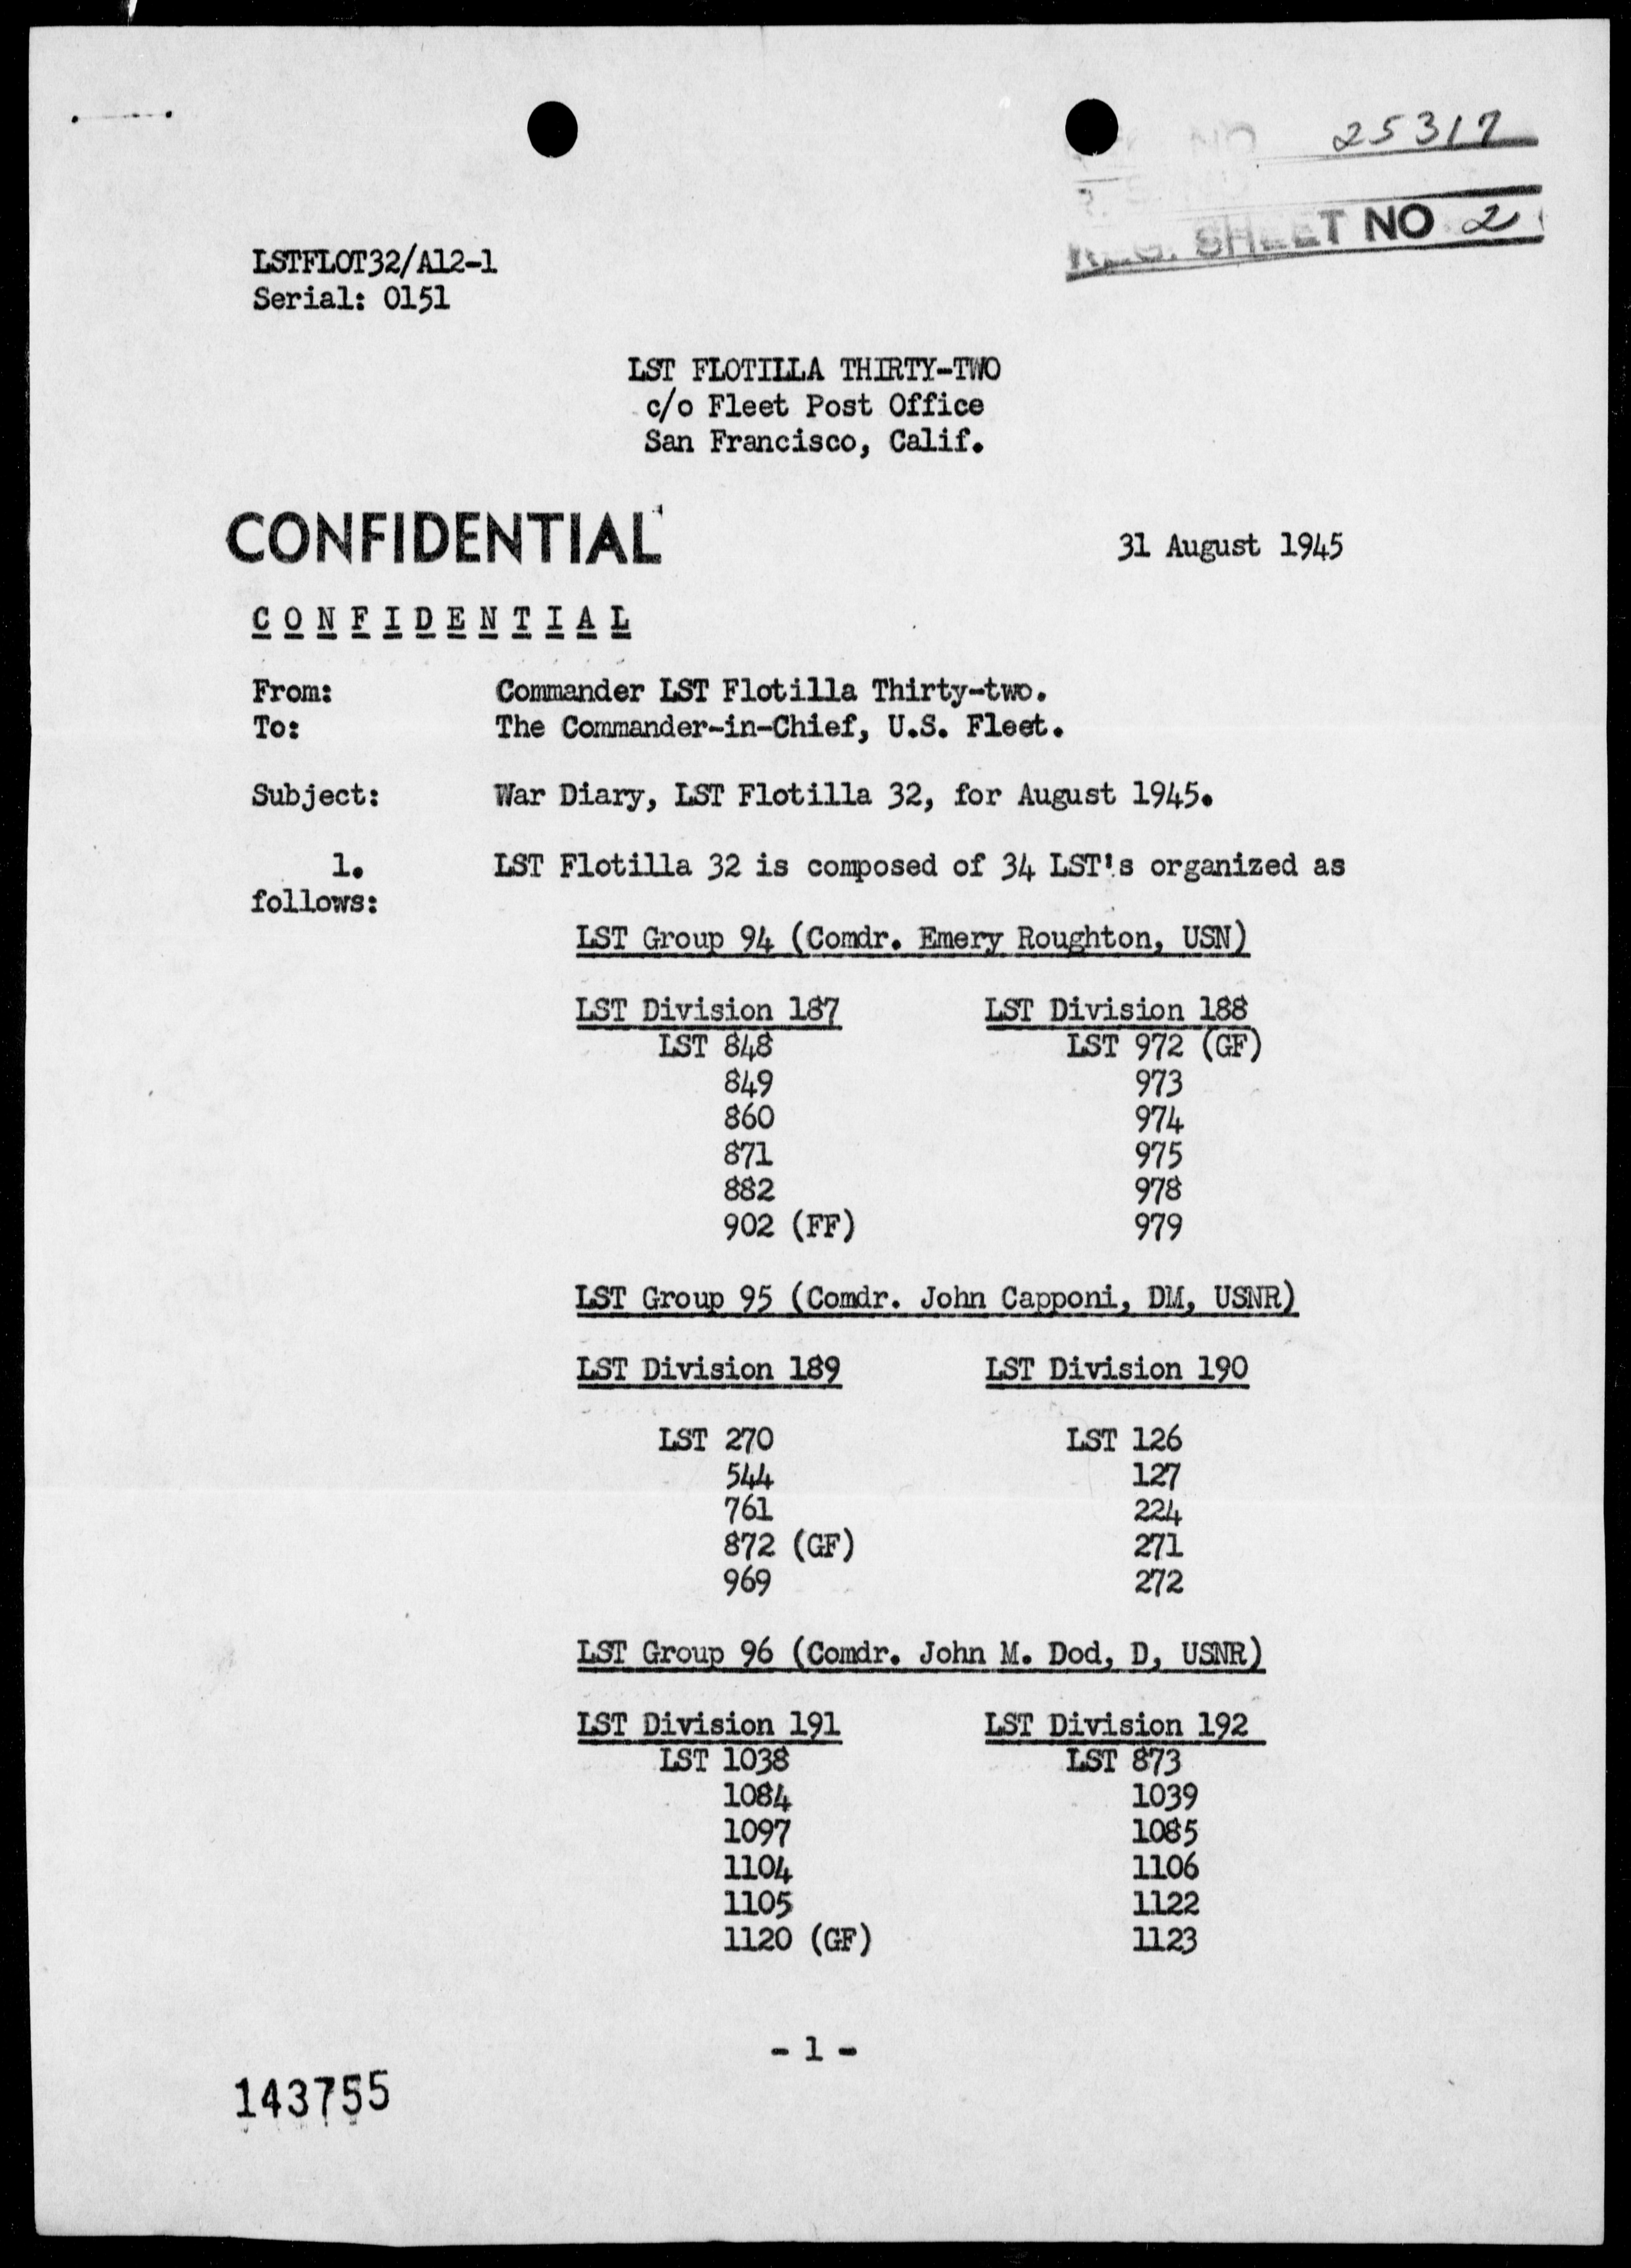 COM LST FLOT 32 - War Diary, 8/1-31/45